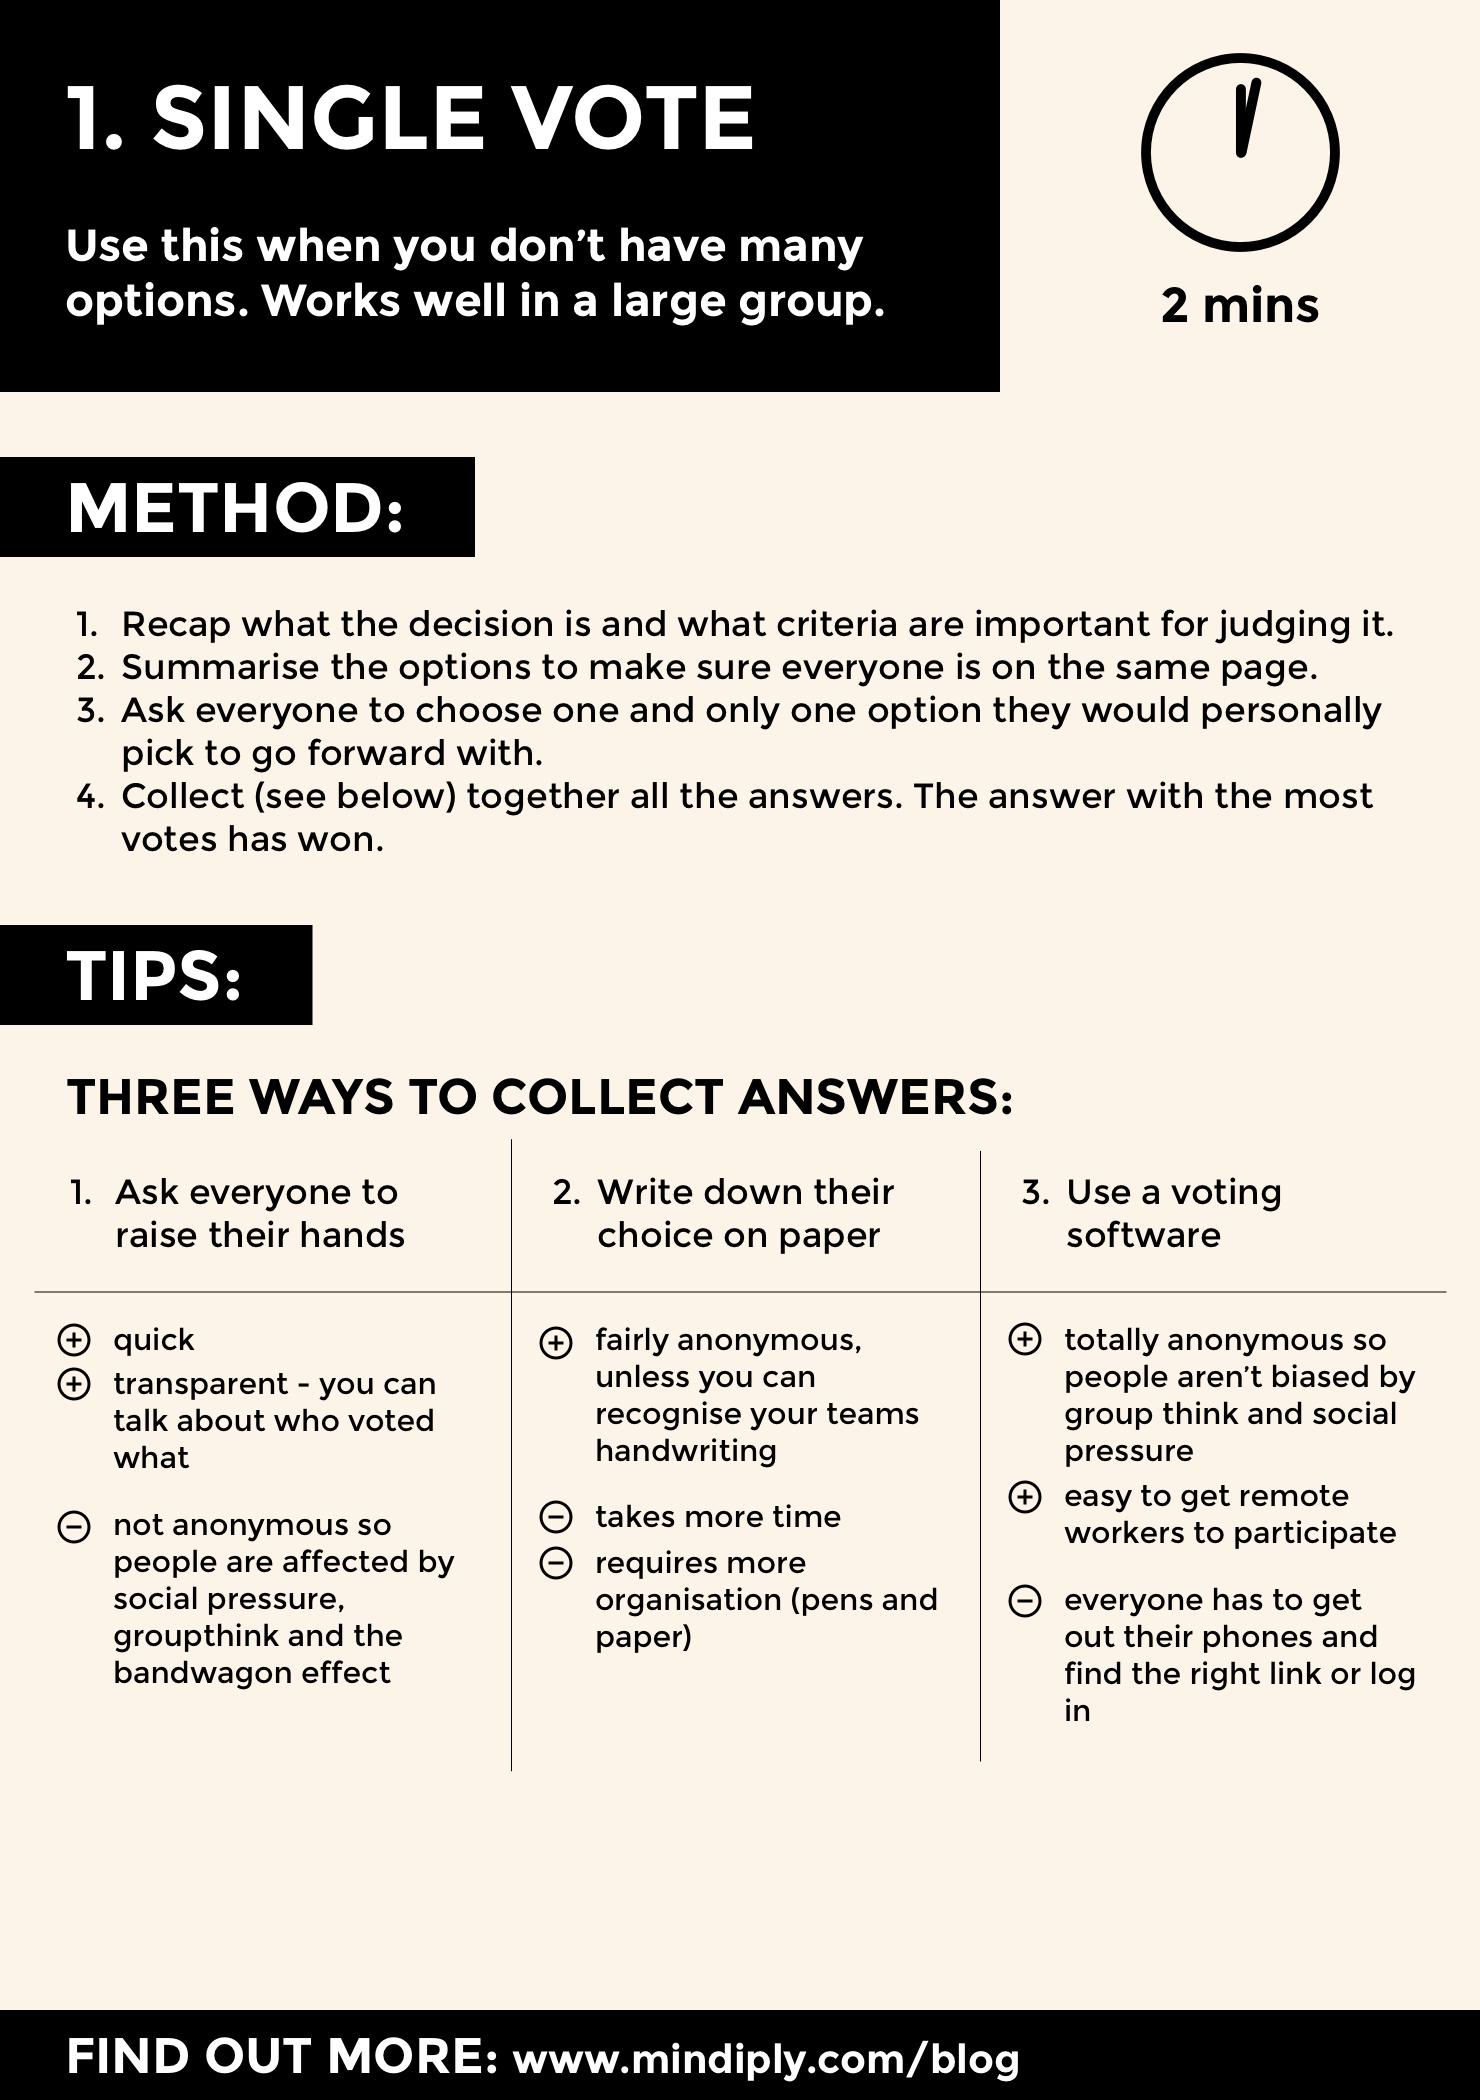 Single vote decision technique infographic - page 1